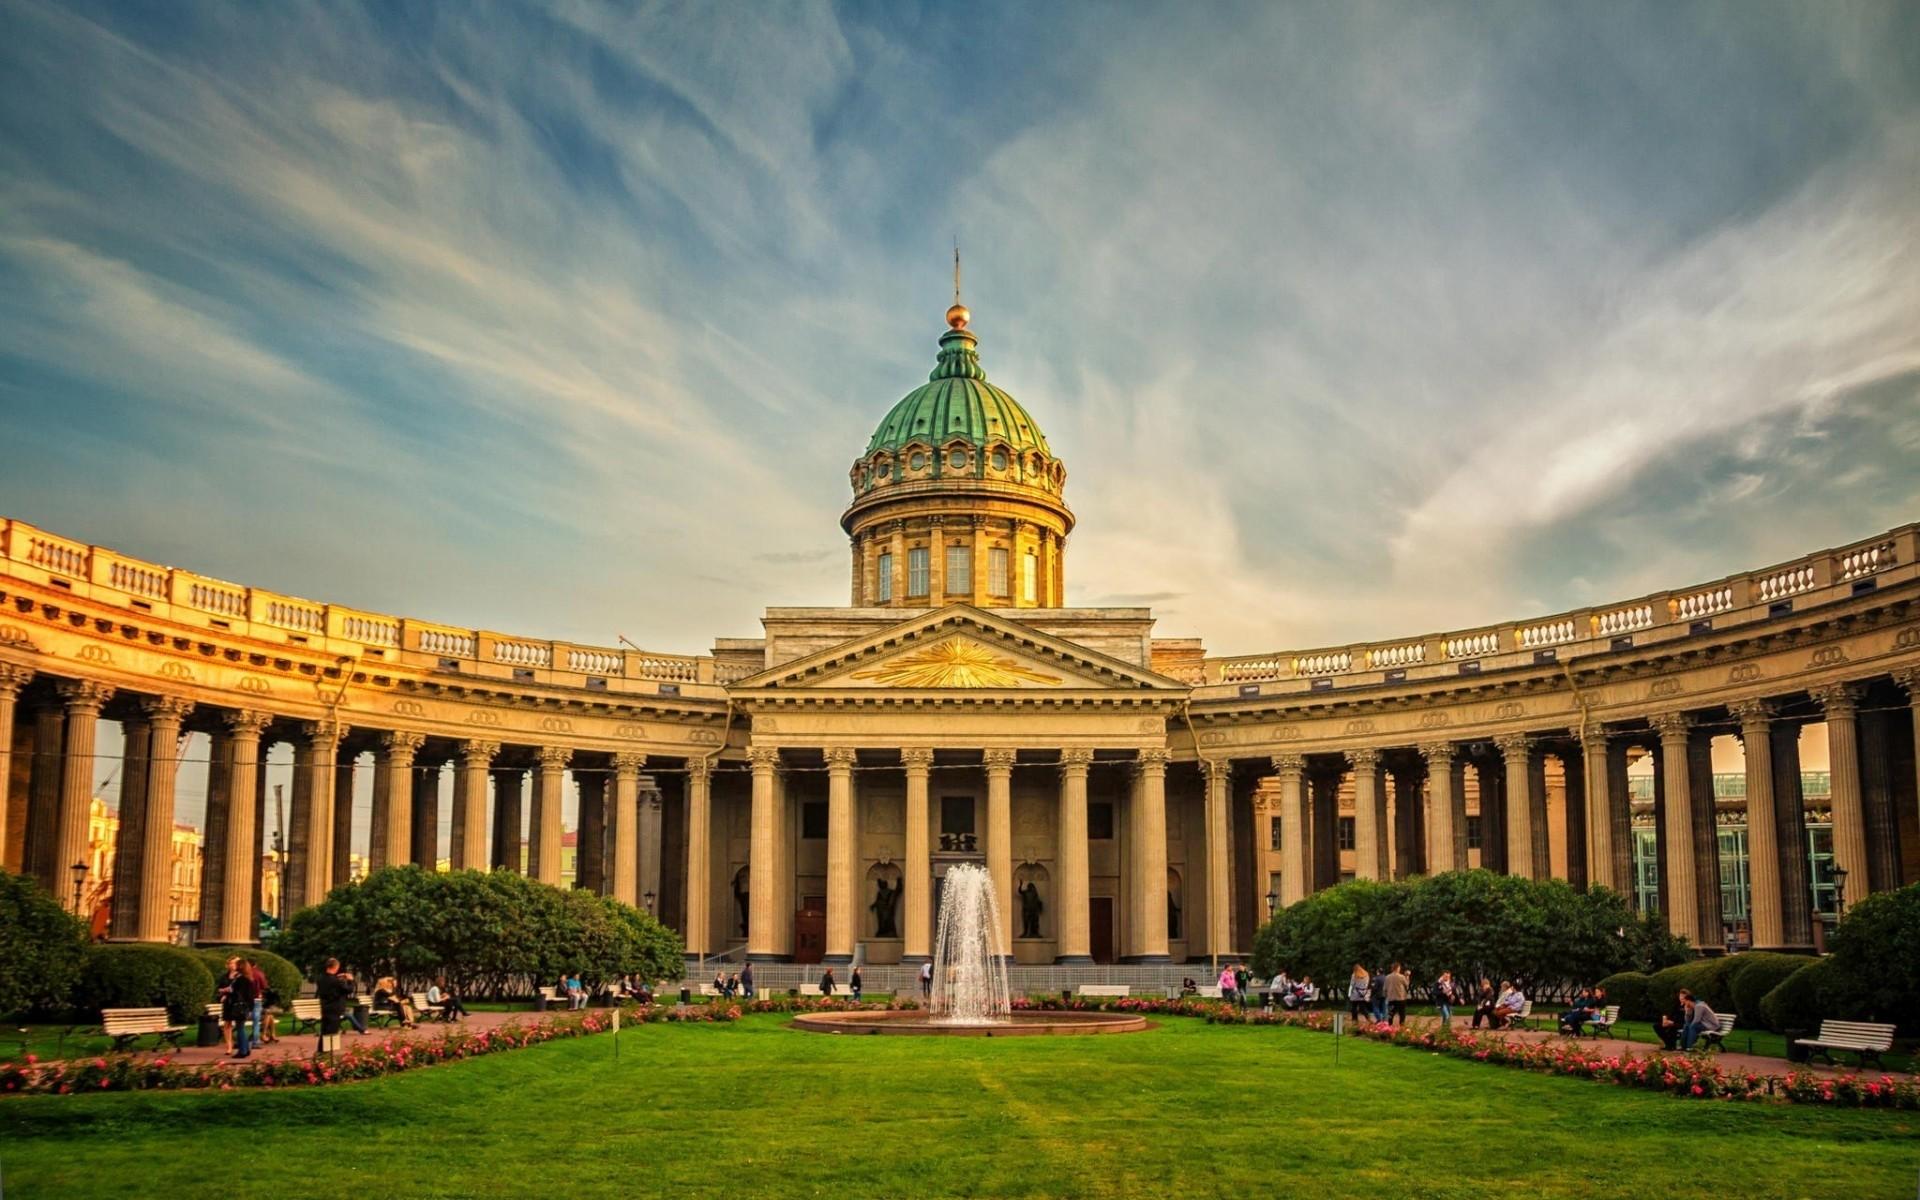 ведь картинки санкт-петербурга хорошего качества на рабочий стол уже прославившейся